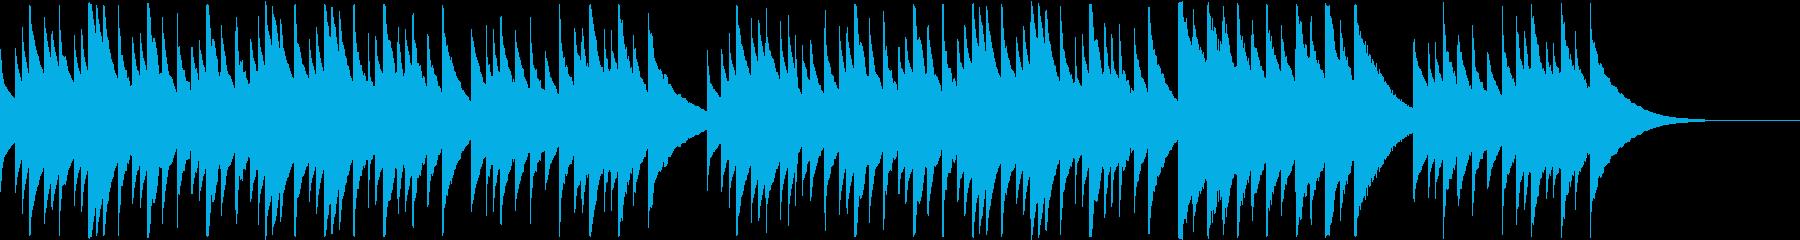 冬の夜に似合うグロッケンの小曲の再生済みの波形